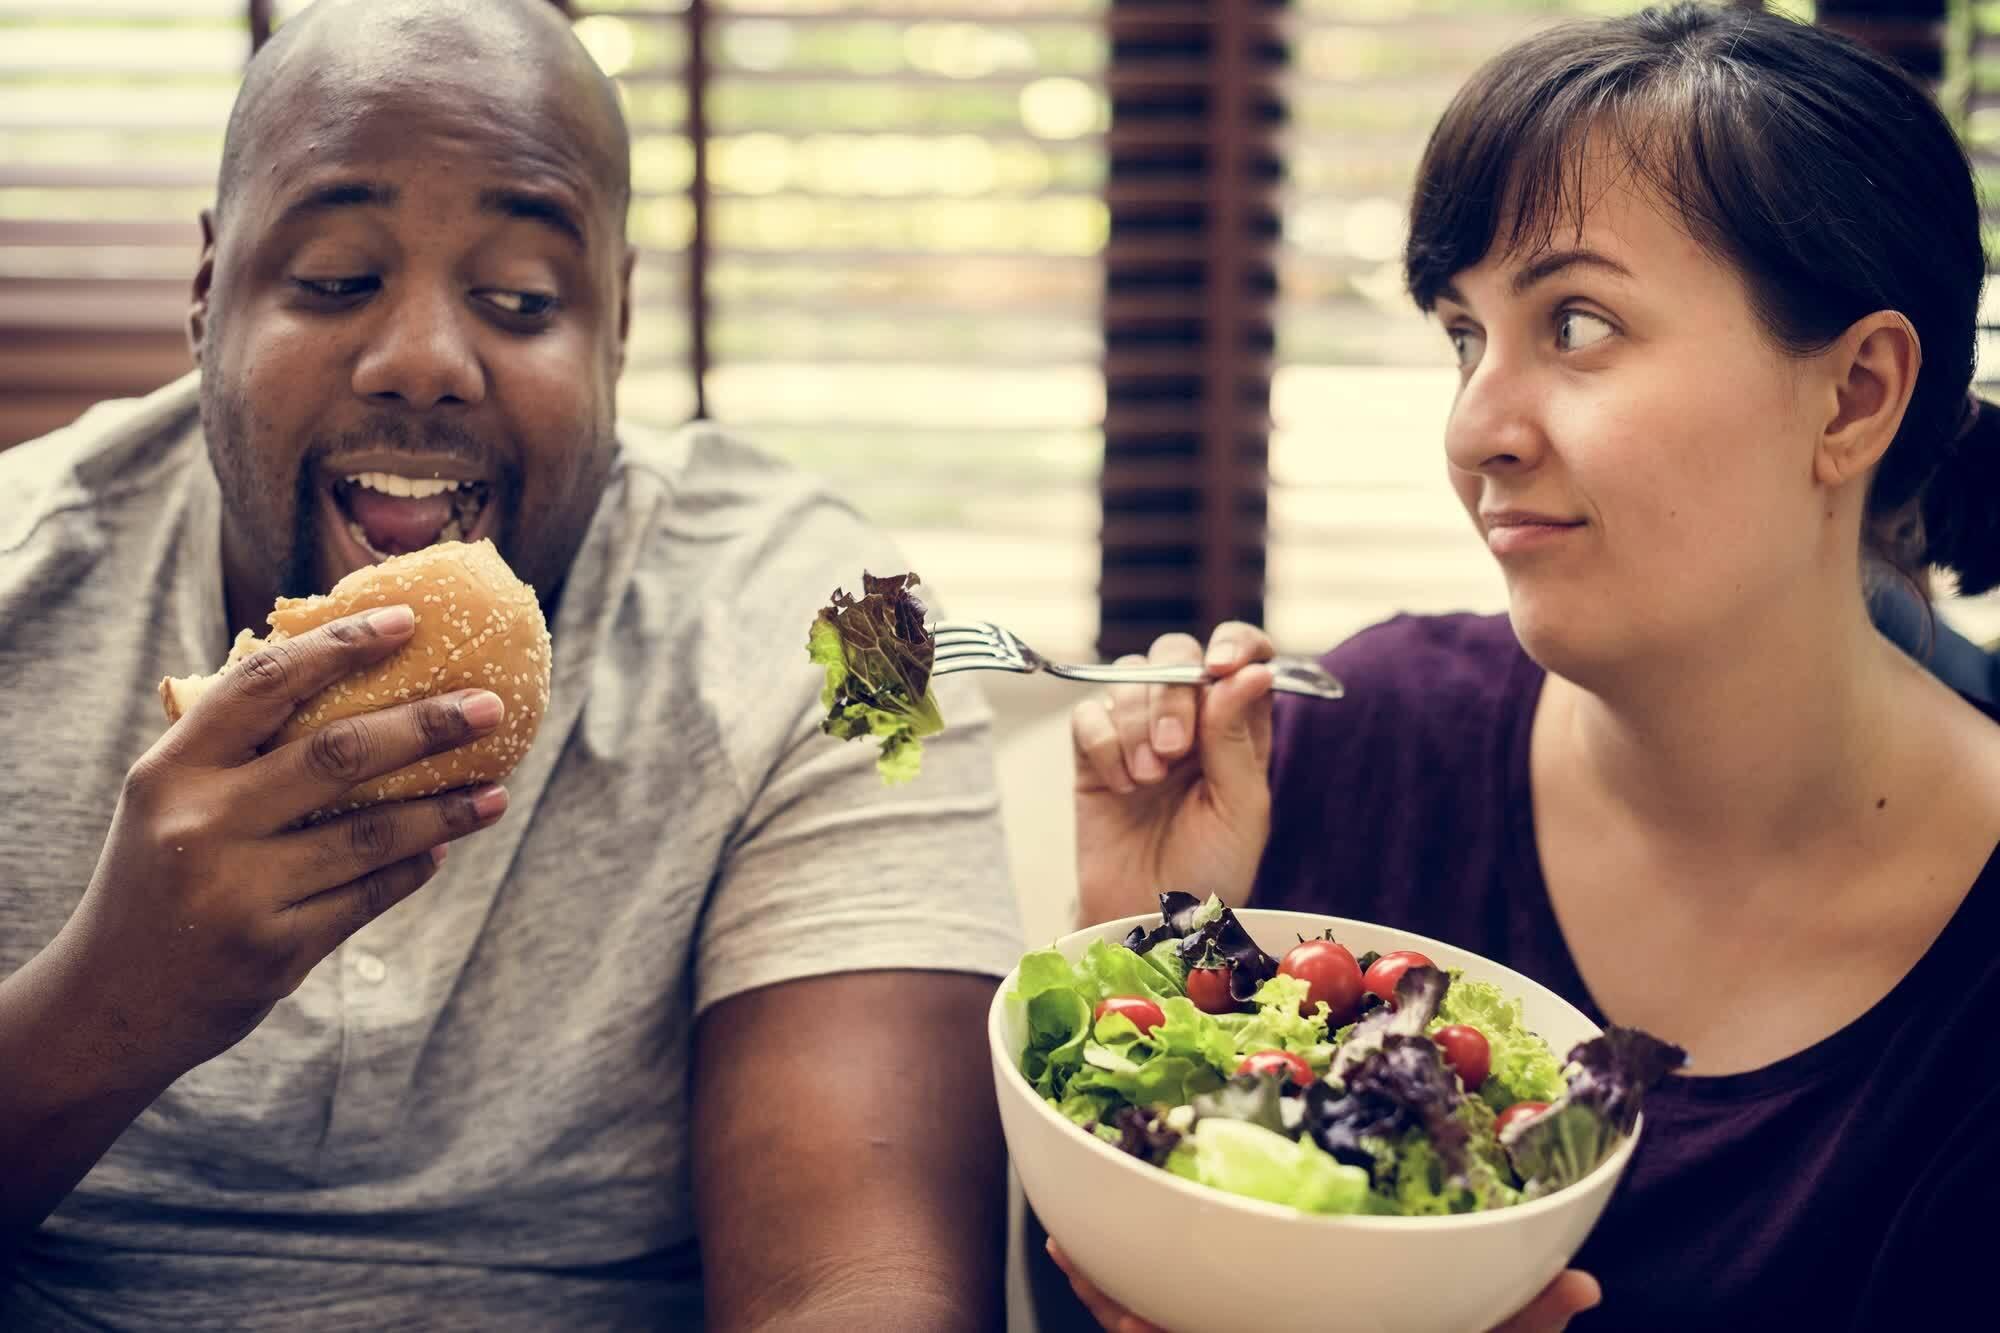 мужчина ест полуфабрикат а женщина правильное питание